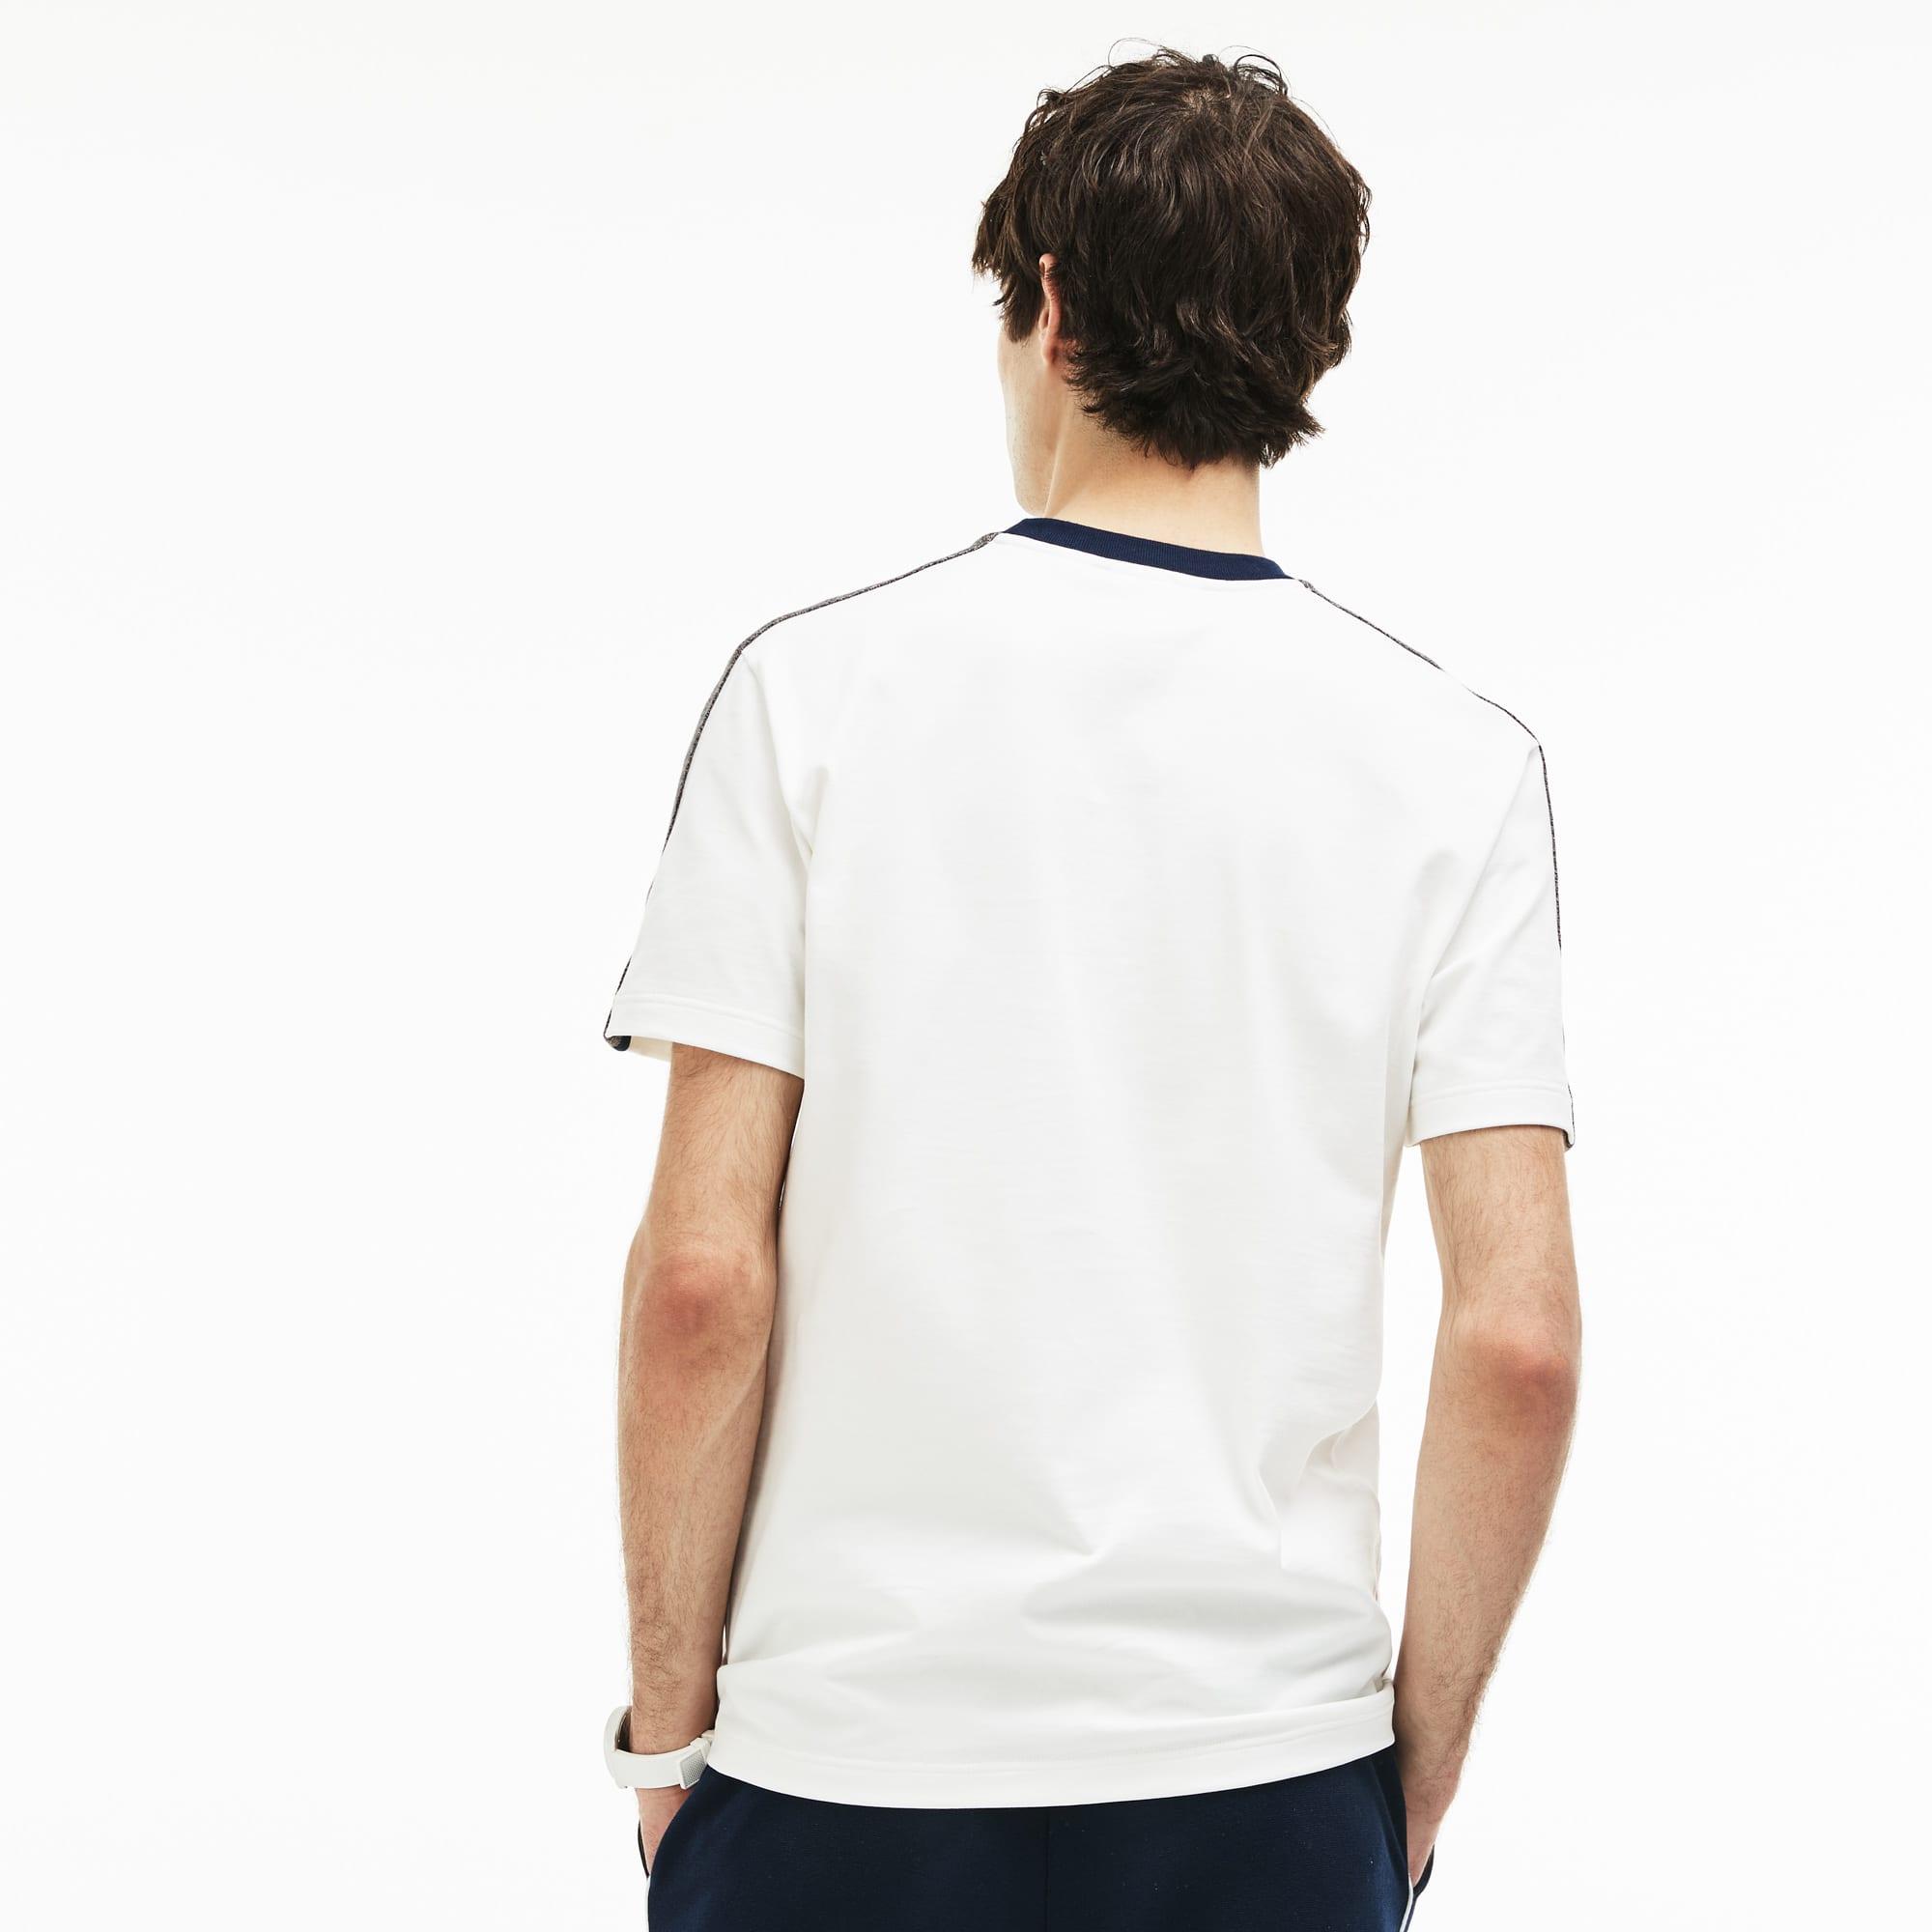 Lacoste - Herren T-Shirt mit Kontrast-Streifen - 2